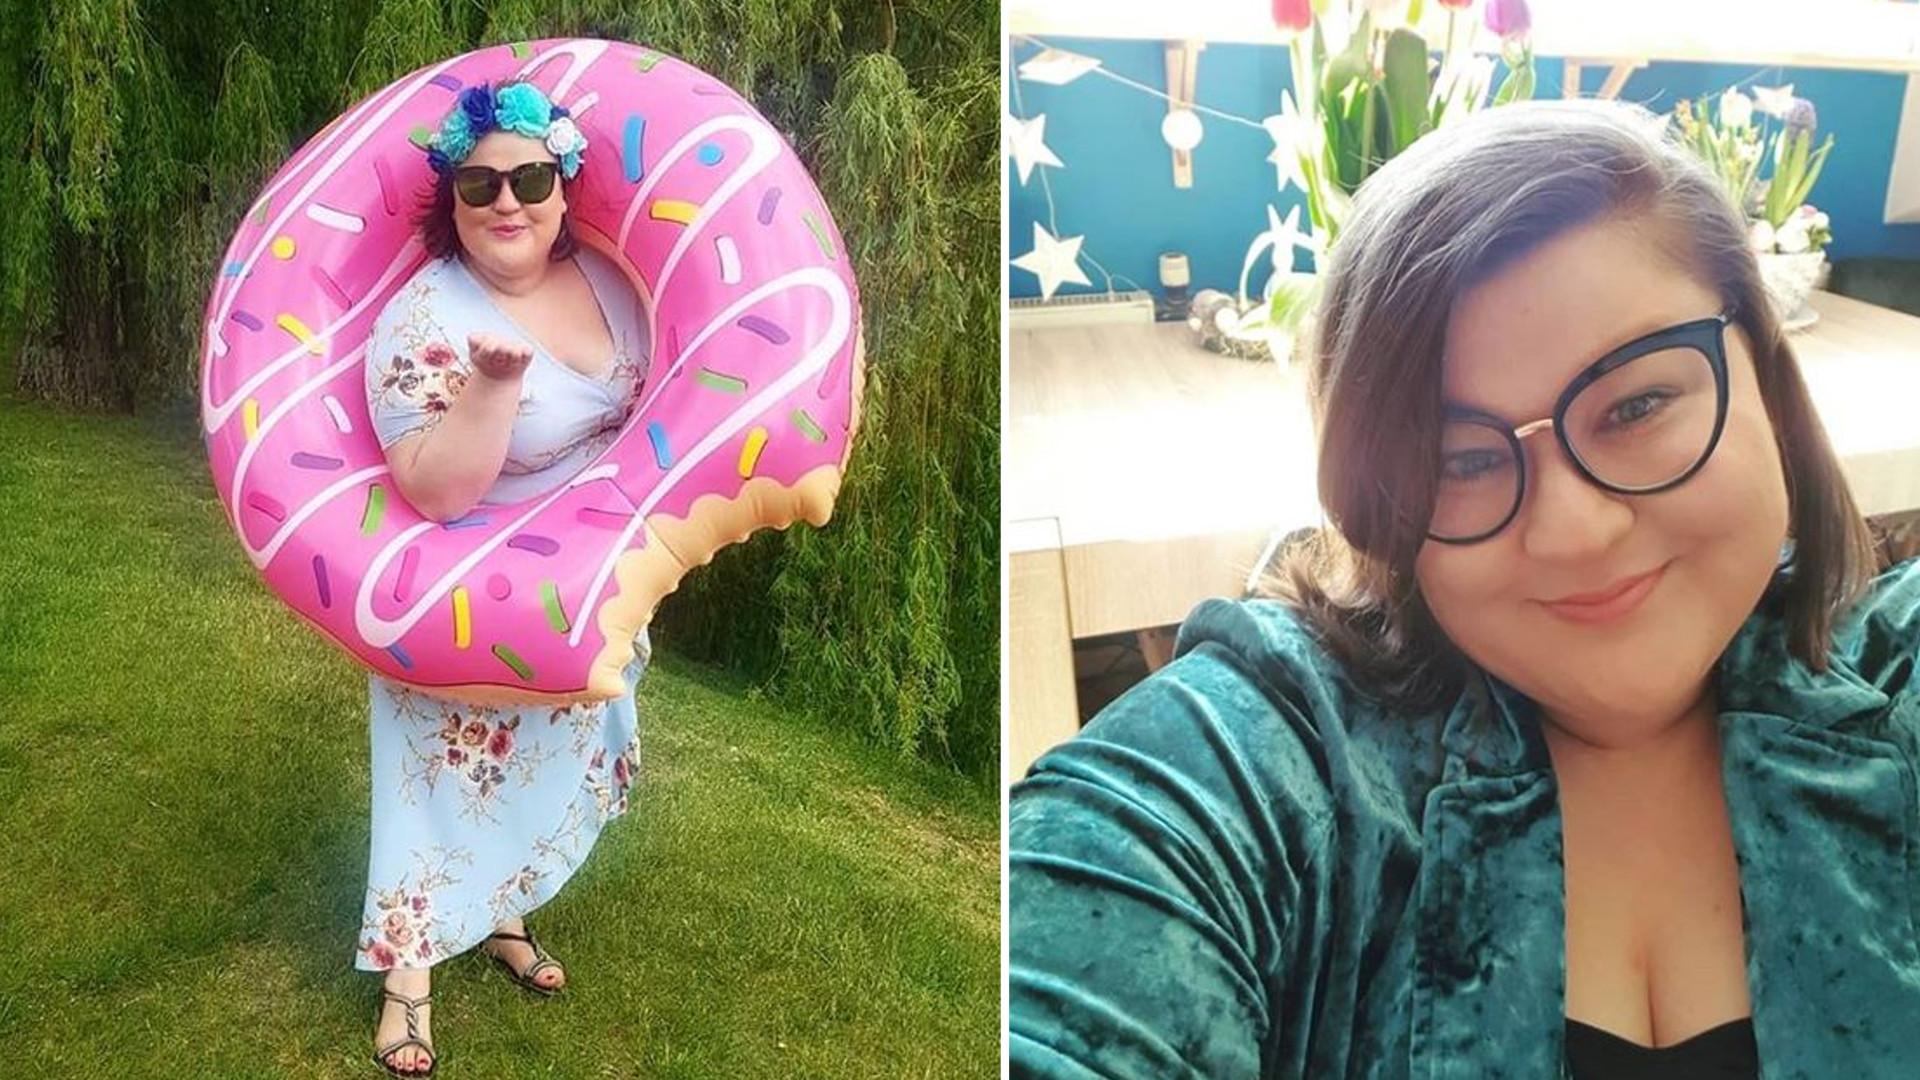 """Dominika Gwit pokazała się w stroju kąpielowym: """"Mamy rzadką przyjemność obserwować niezwykłego stwora"""""""